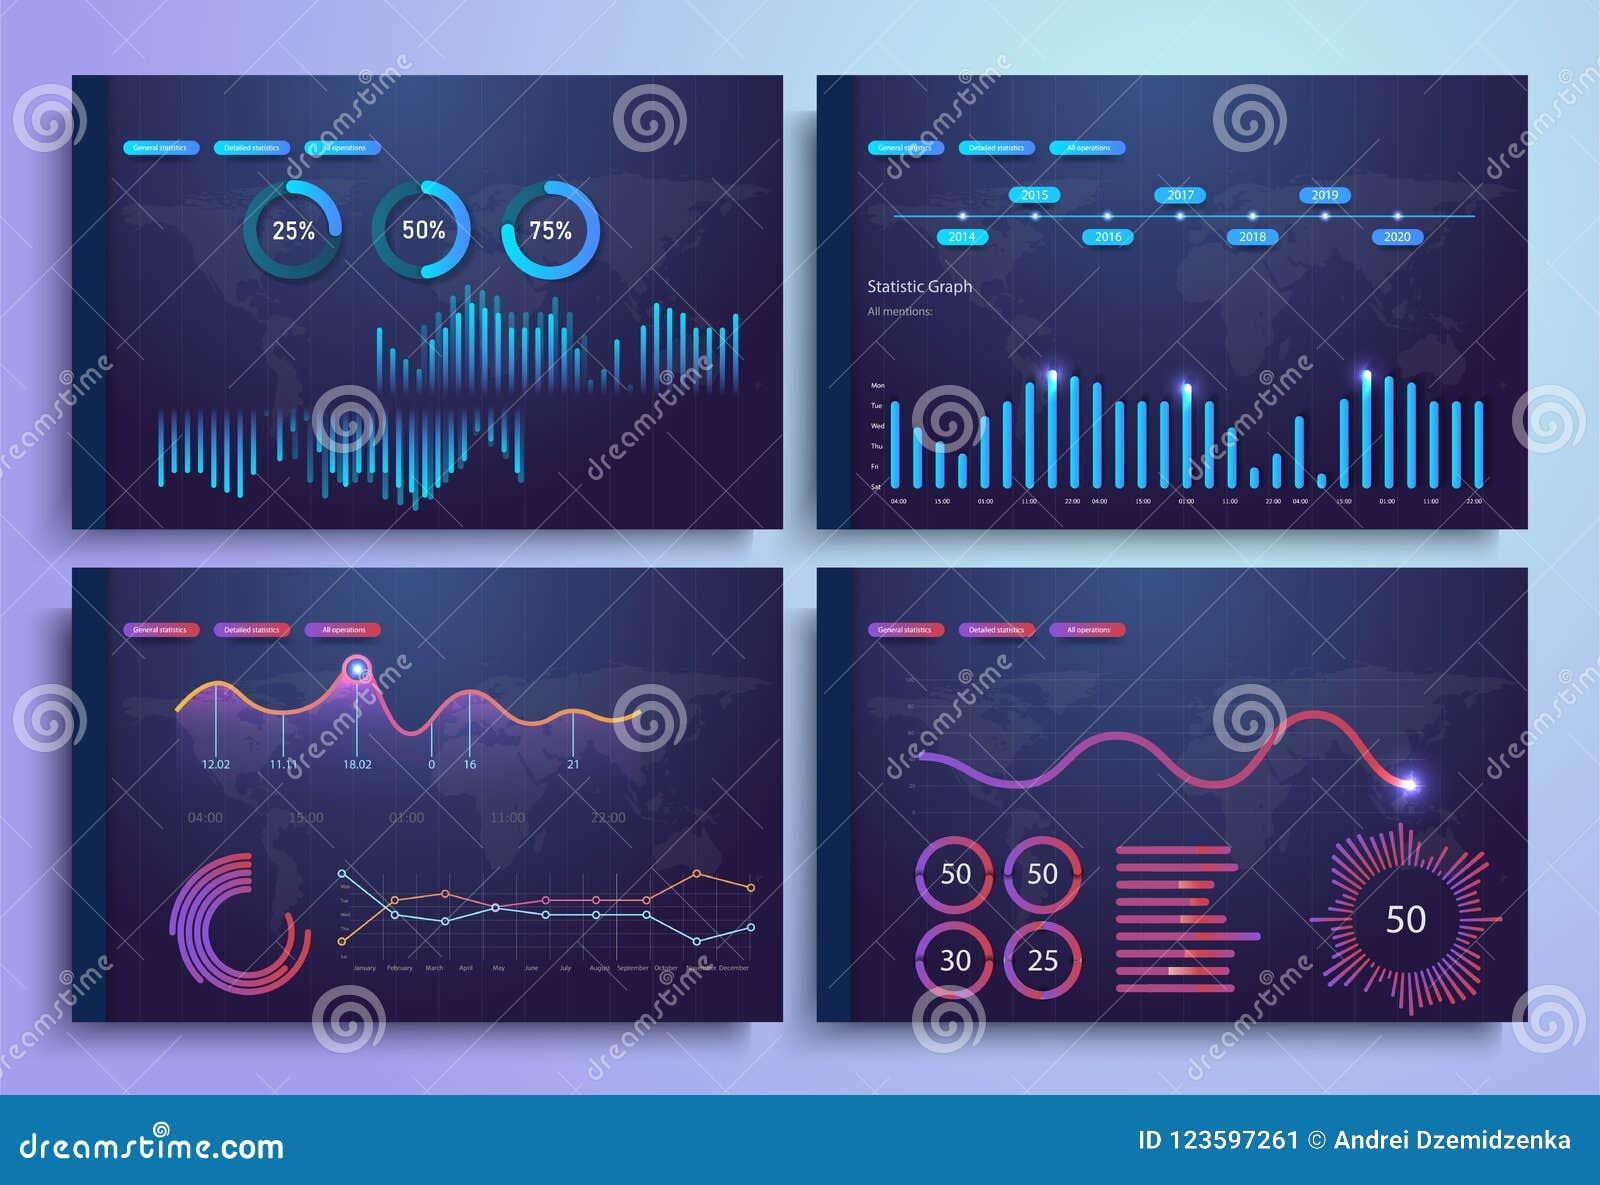 与平的每日设计统计图表的Infographic模板,仪表板,圆图,网络设计,